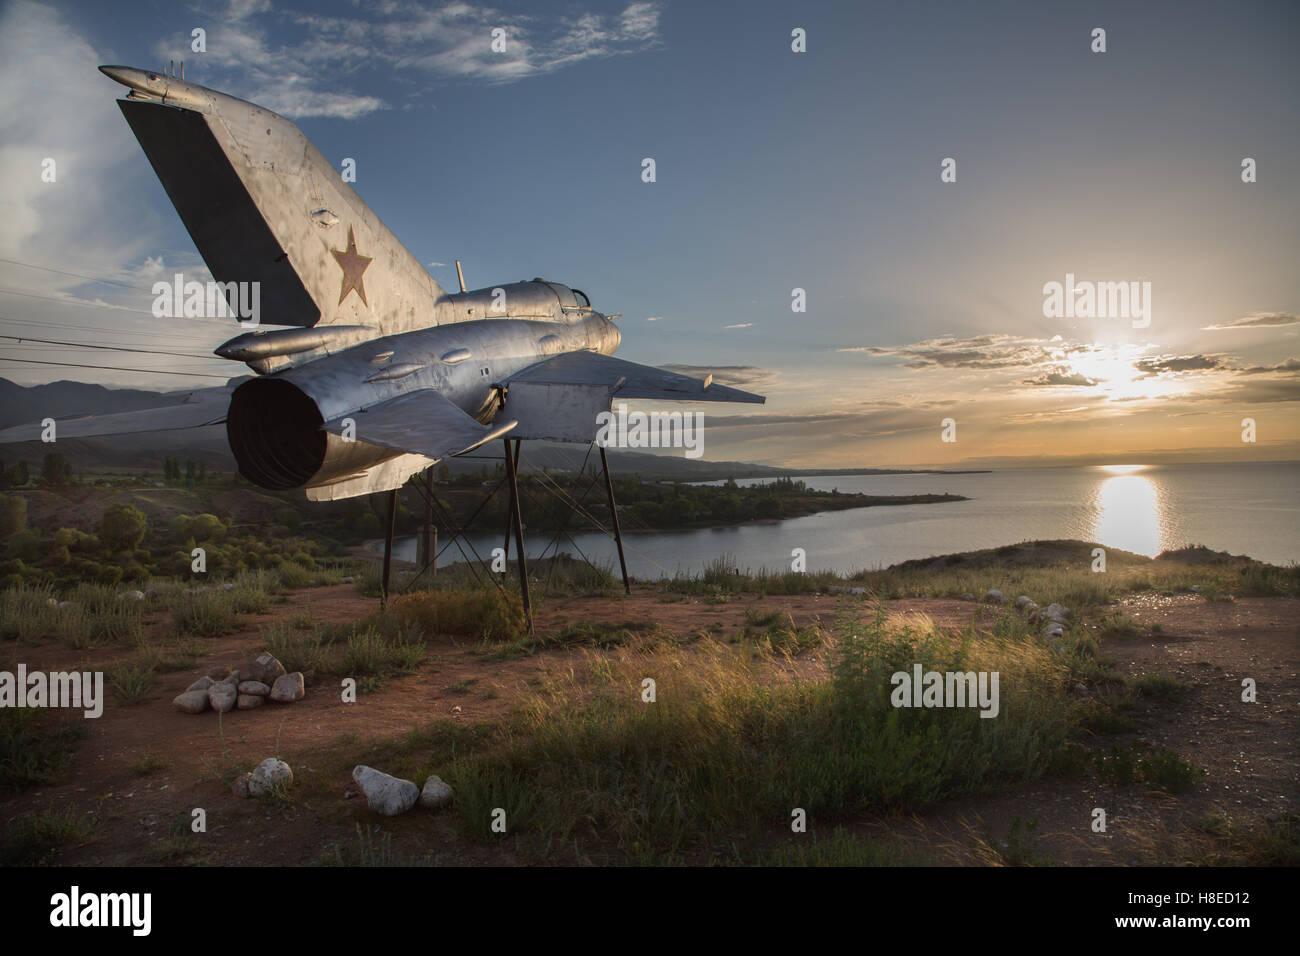 Kirghizistan - Trophée de la vieille épave d'avion près de village de Tamga et le lac Issyk Kul Photo Stock